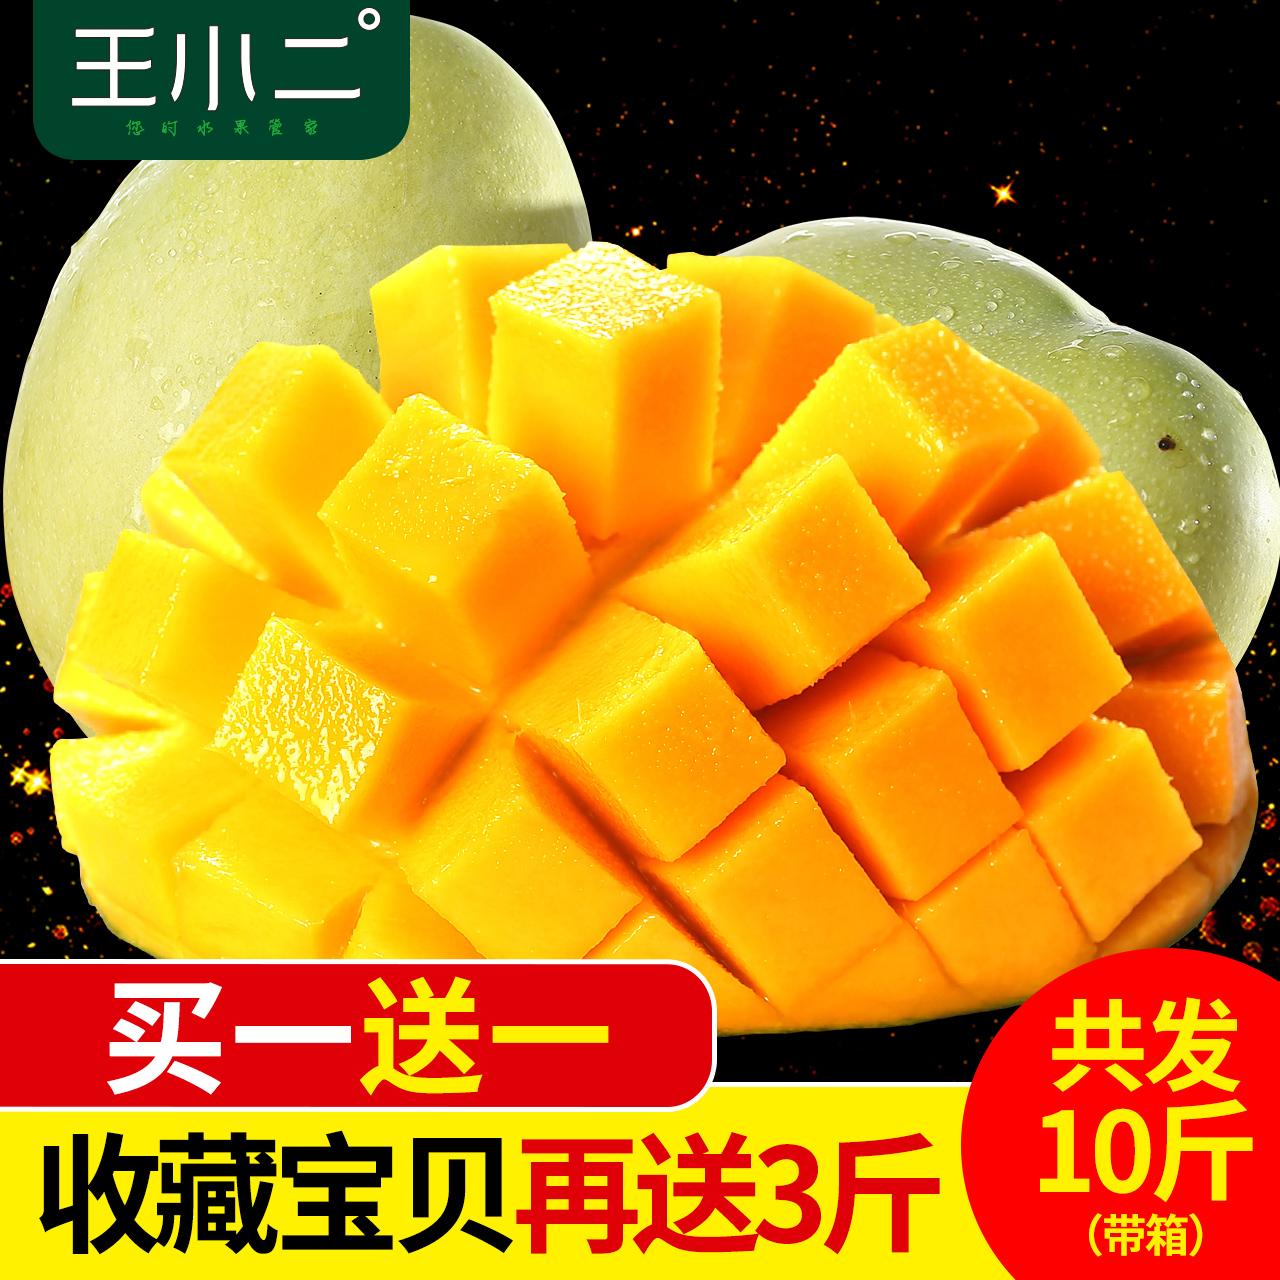 王小二 四川攀枝花凯特大芒果 新鲜水果批发包邮当季应季时令采摘